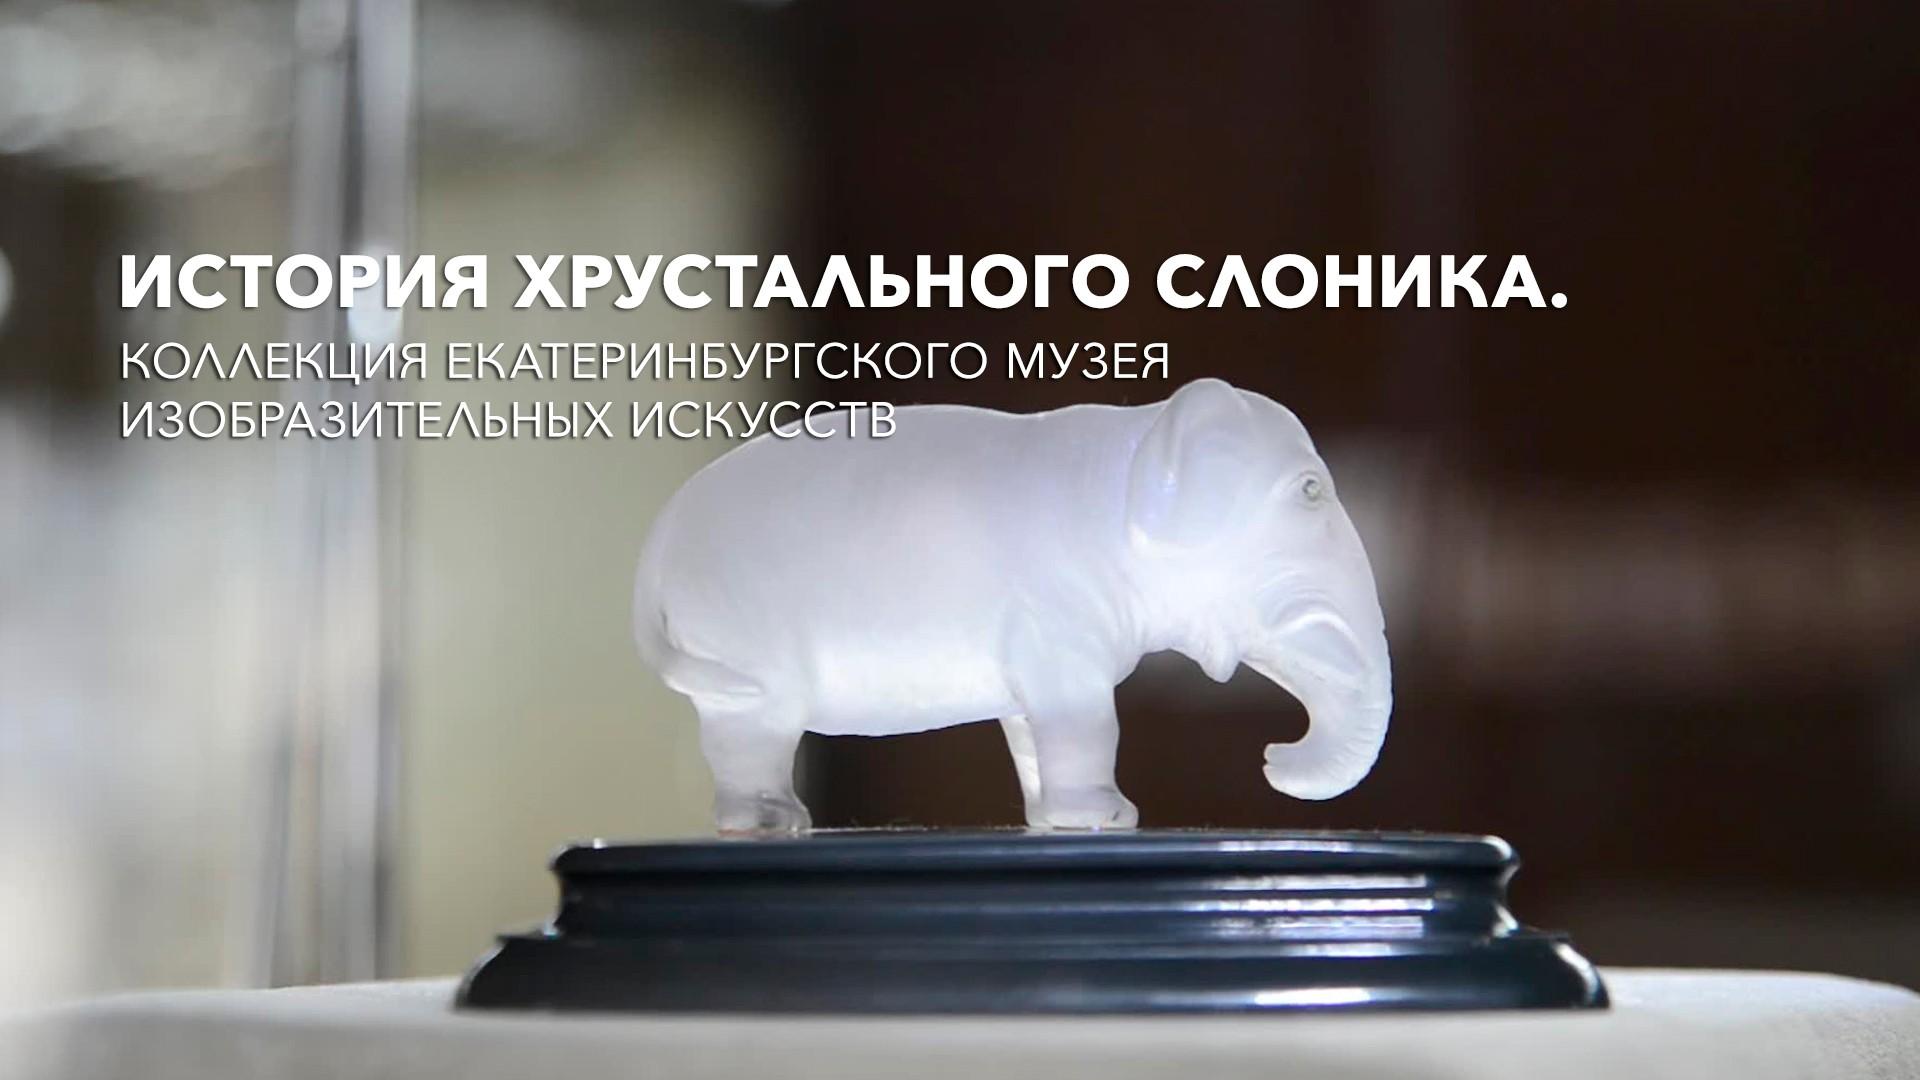 История хрустального слоника. Коллекция Екатеринбургского музея изобразительных искусств